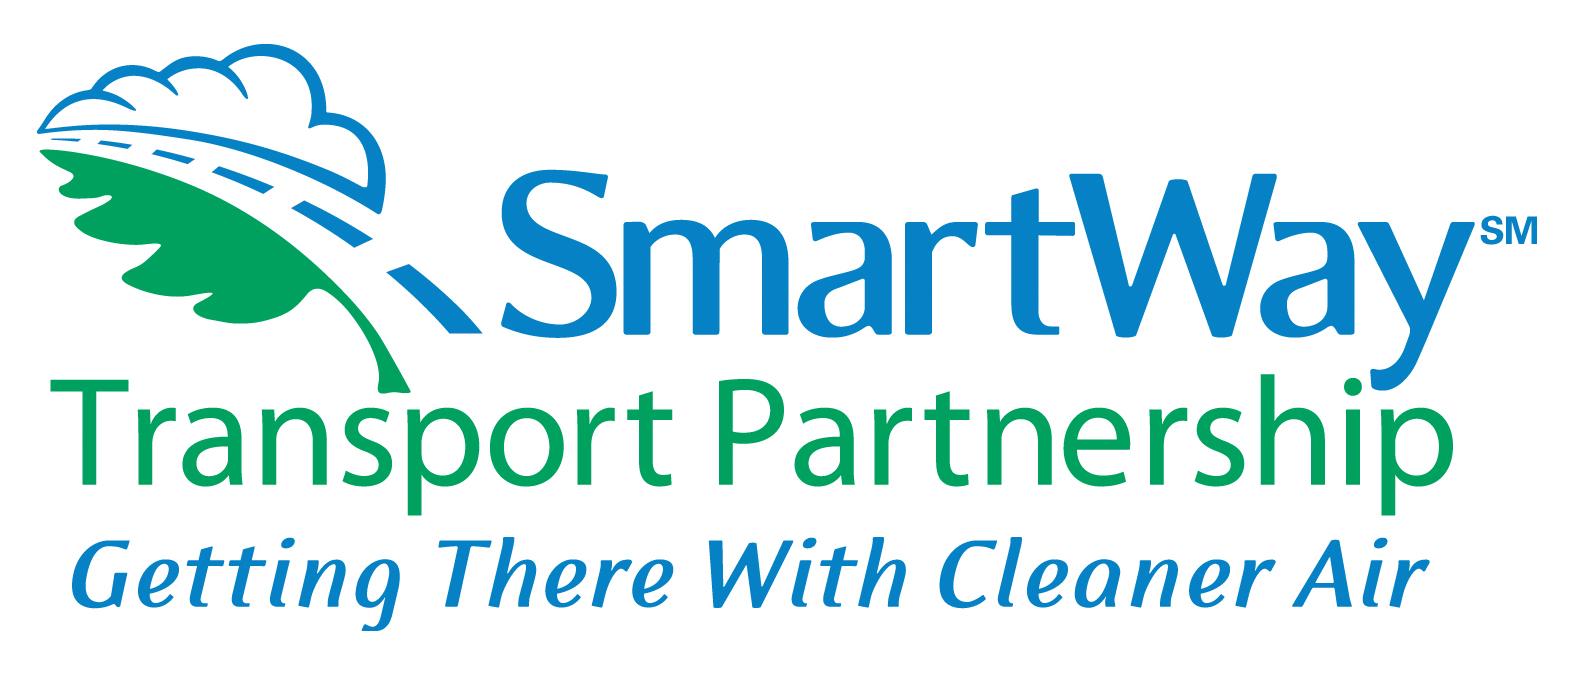 smartway clean air logo